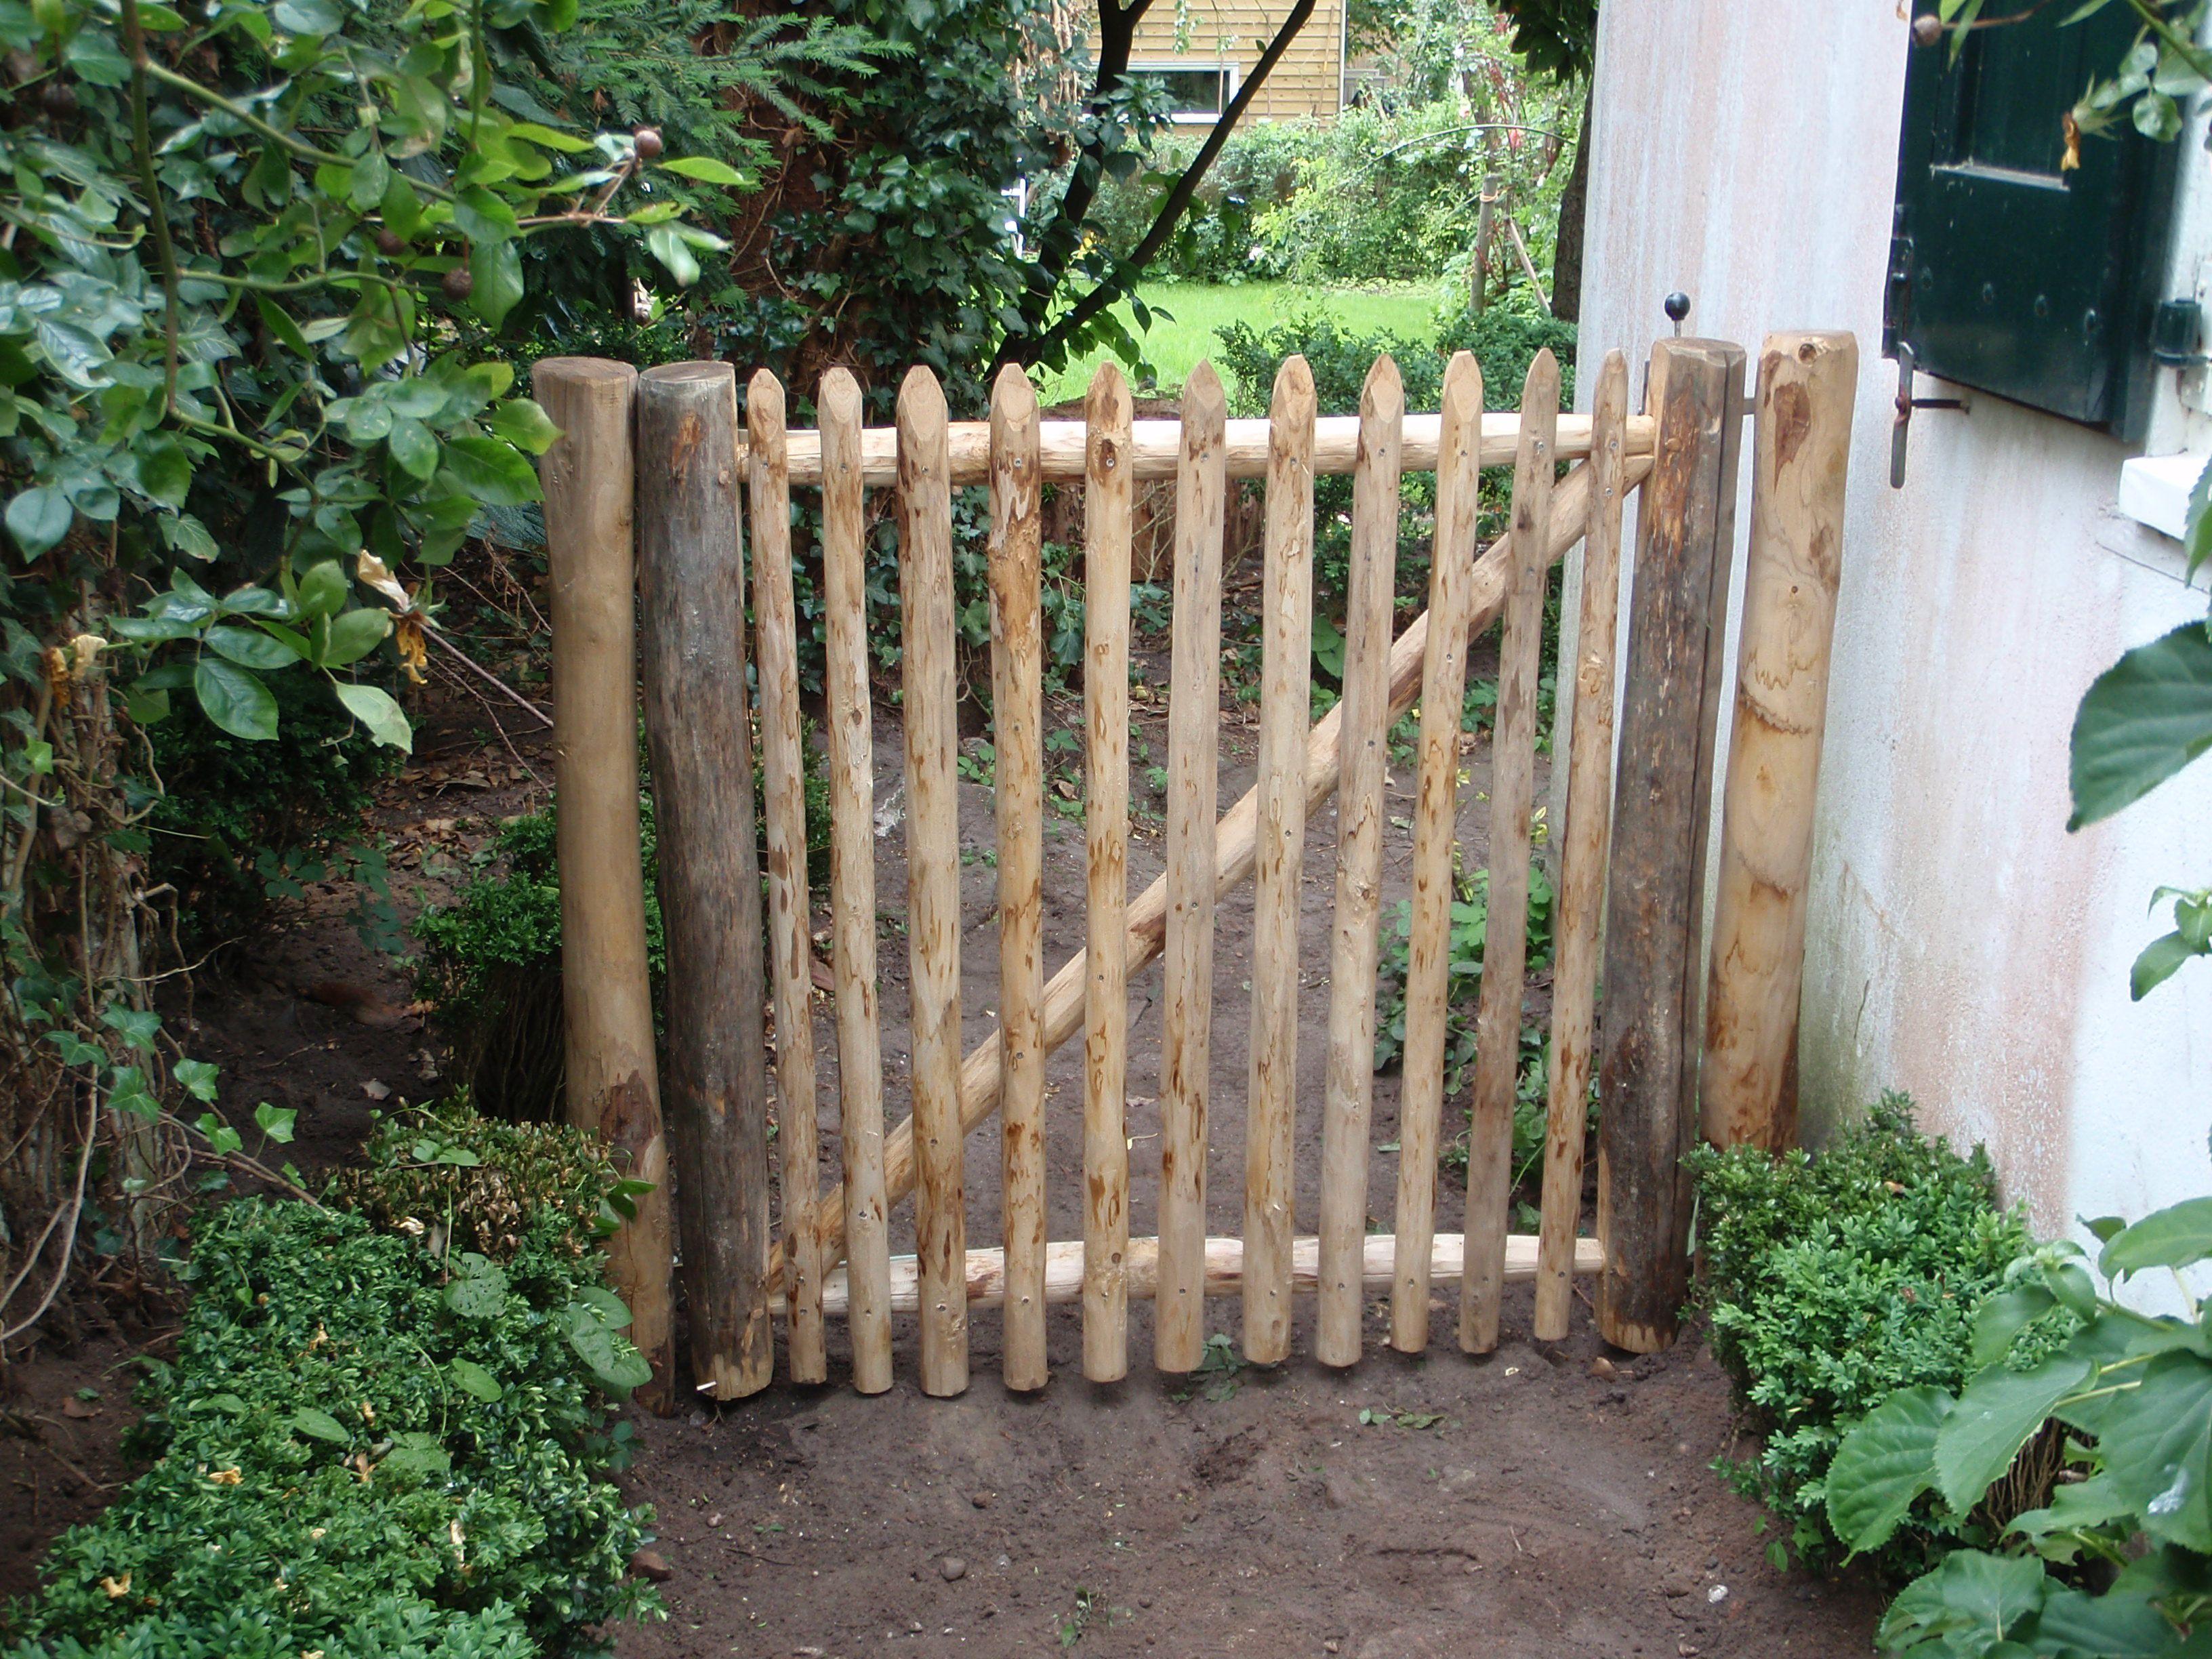 Kastanje hekwerk poort, prachtige nostalgische sfeer, hekje, tuin ...